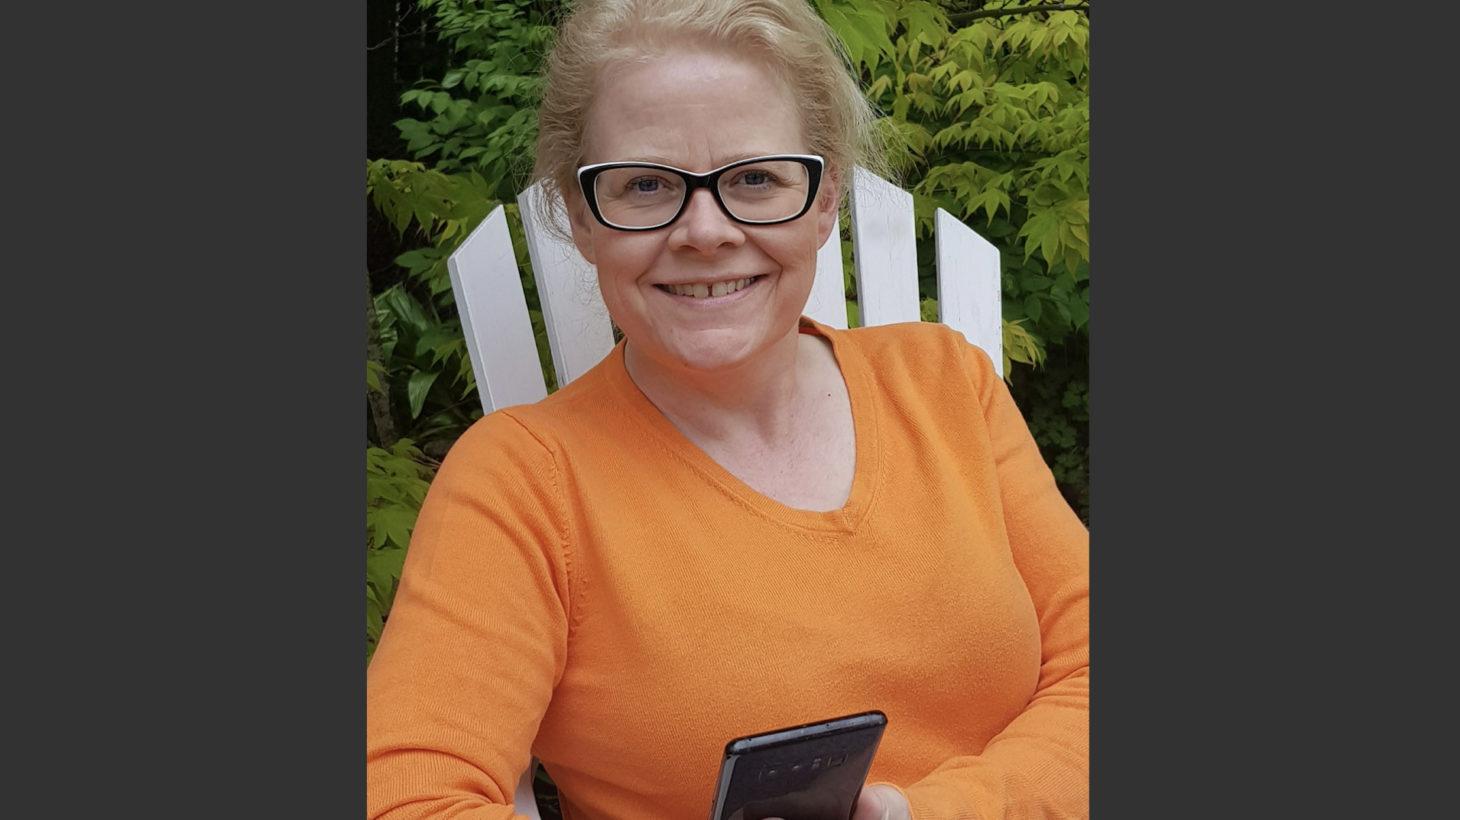 Johanna Rexgård, specialpedagog på Sjukhusskolan, håller i en mobiltelefon och tittar in i kameran.